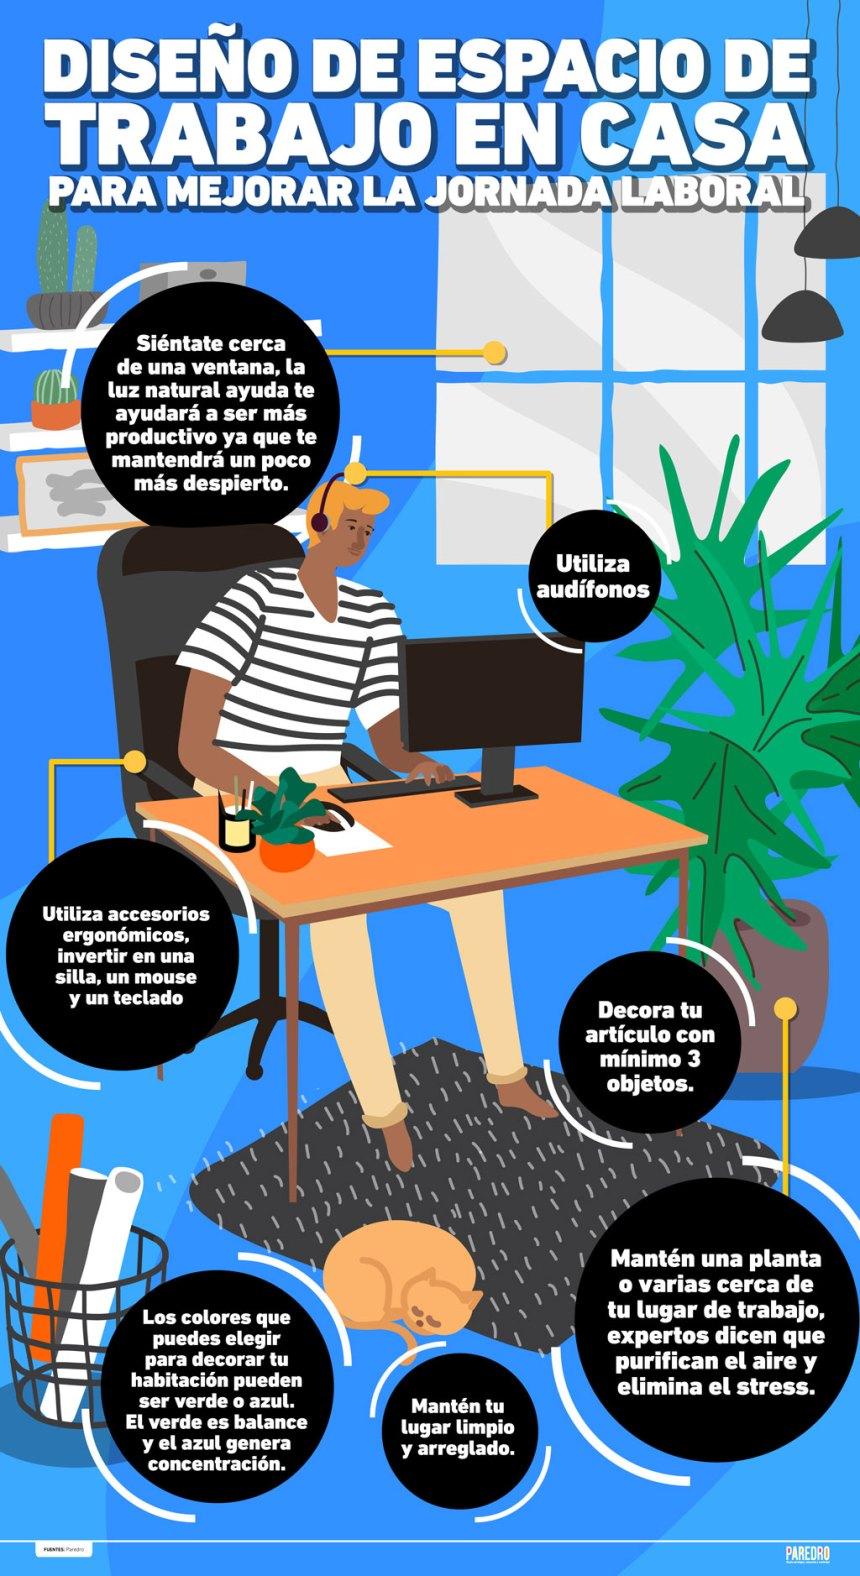 Diseño de espacios para trabajar en casa